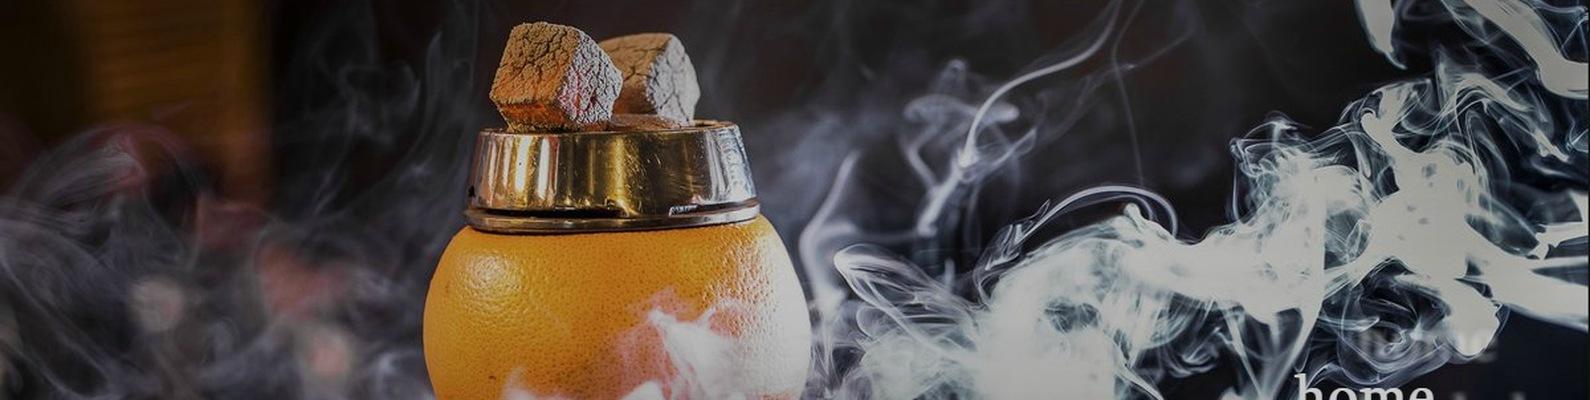 Где можно купить кальян табак оптом куплю сигареты корона какая